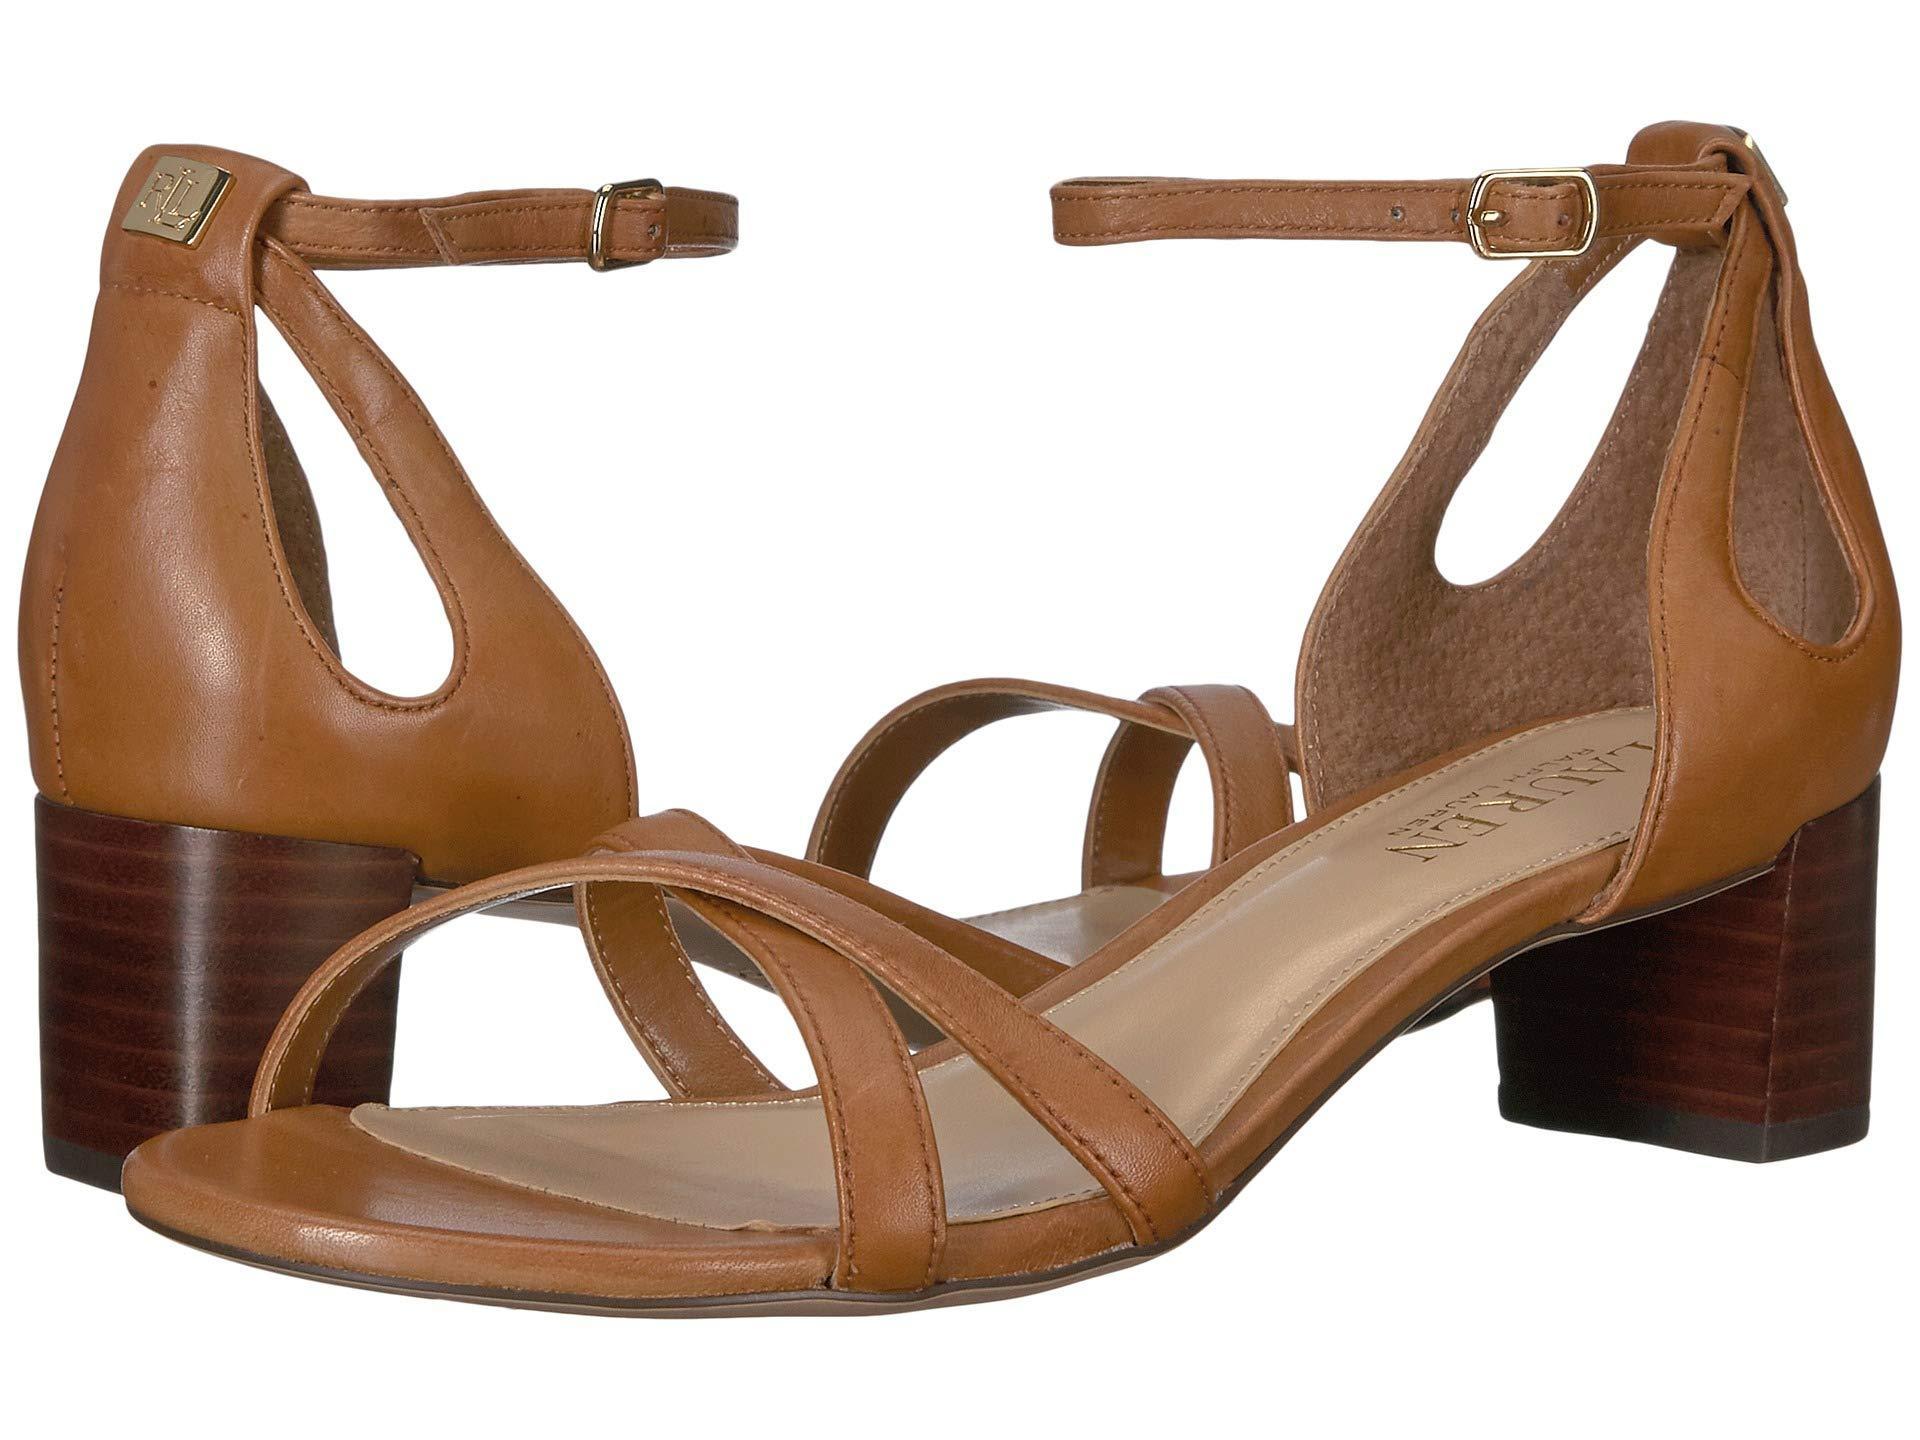 3cd31efaa4d Lauren by Ralph Lauren. Women s Brown Folly Tan Leather Block Heel Sandals